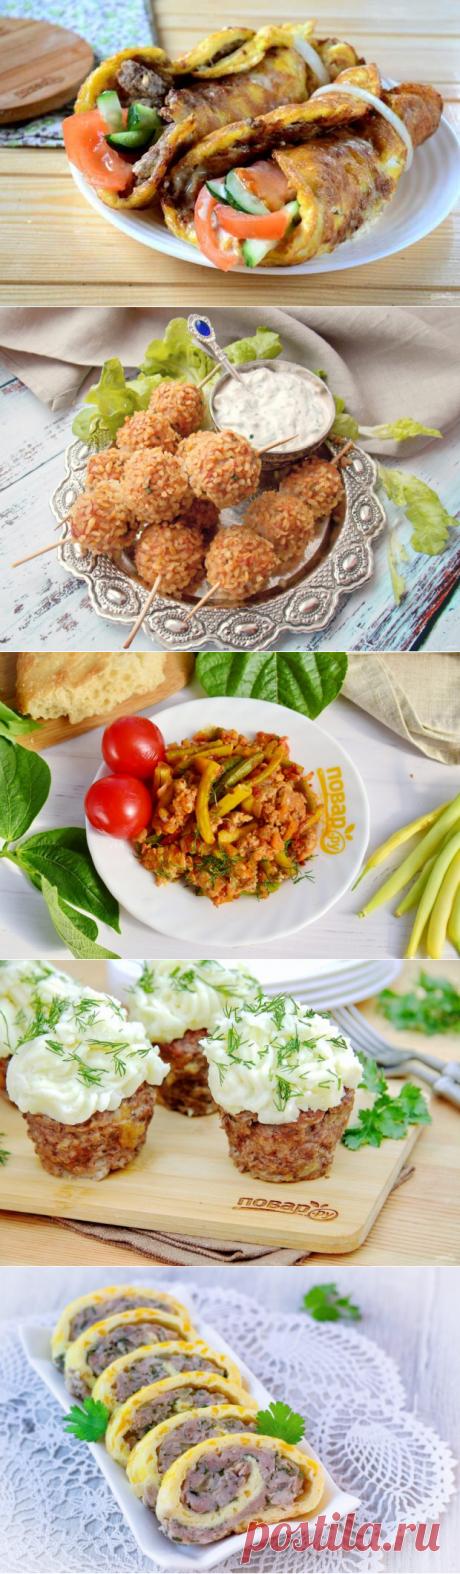 Не только для котлет: 7 интересных блюд с фаршем - БУДЕТ ВКУСНО! - медиаплатформа МирТесен